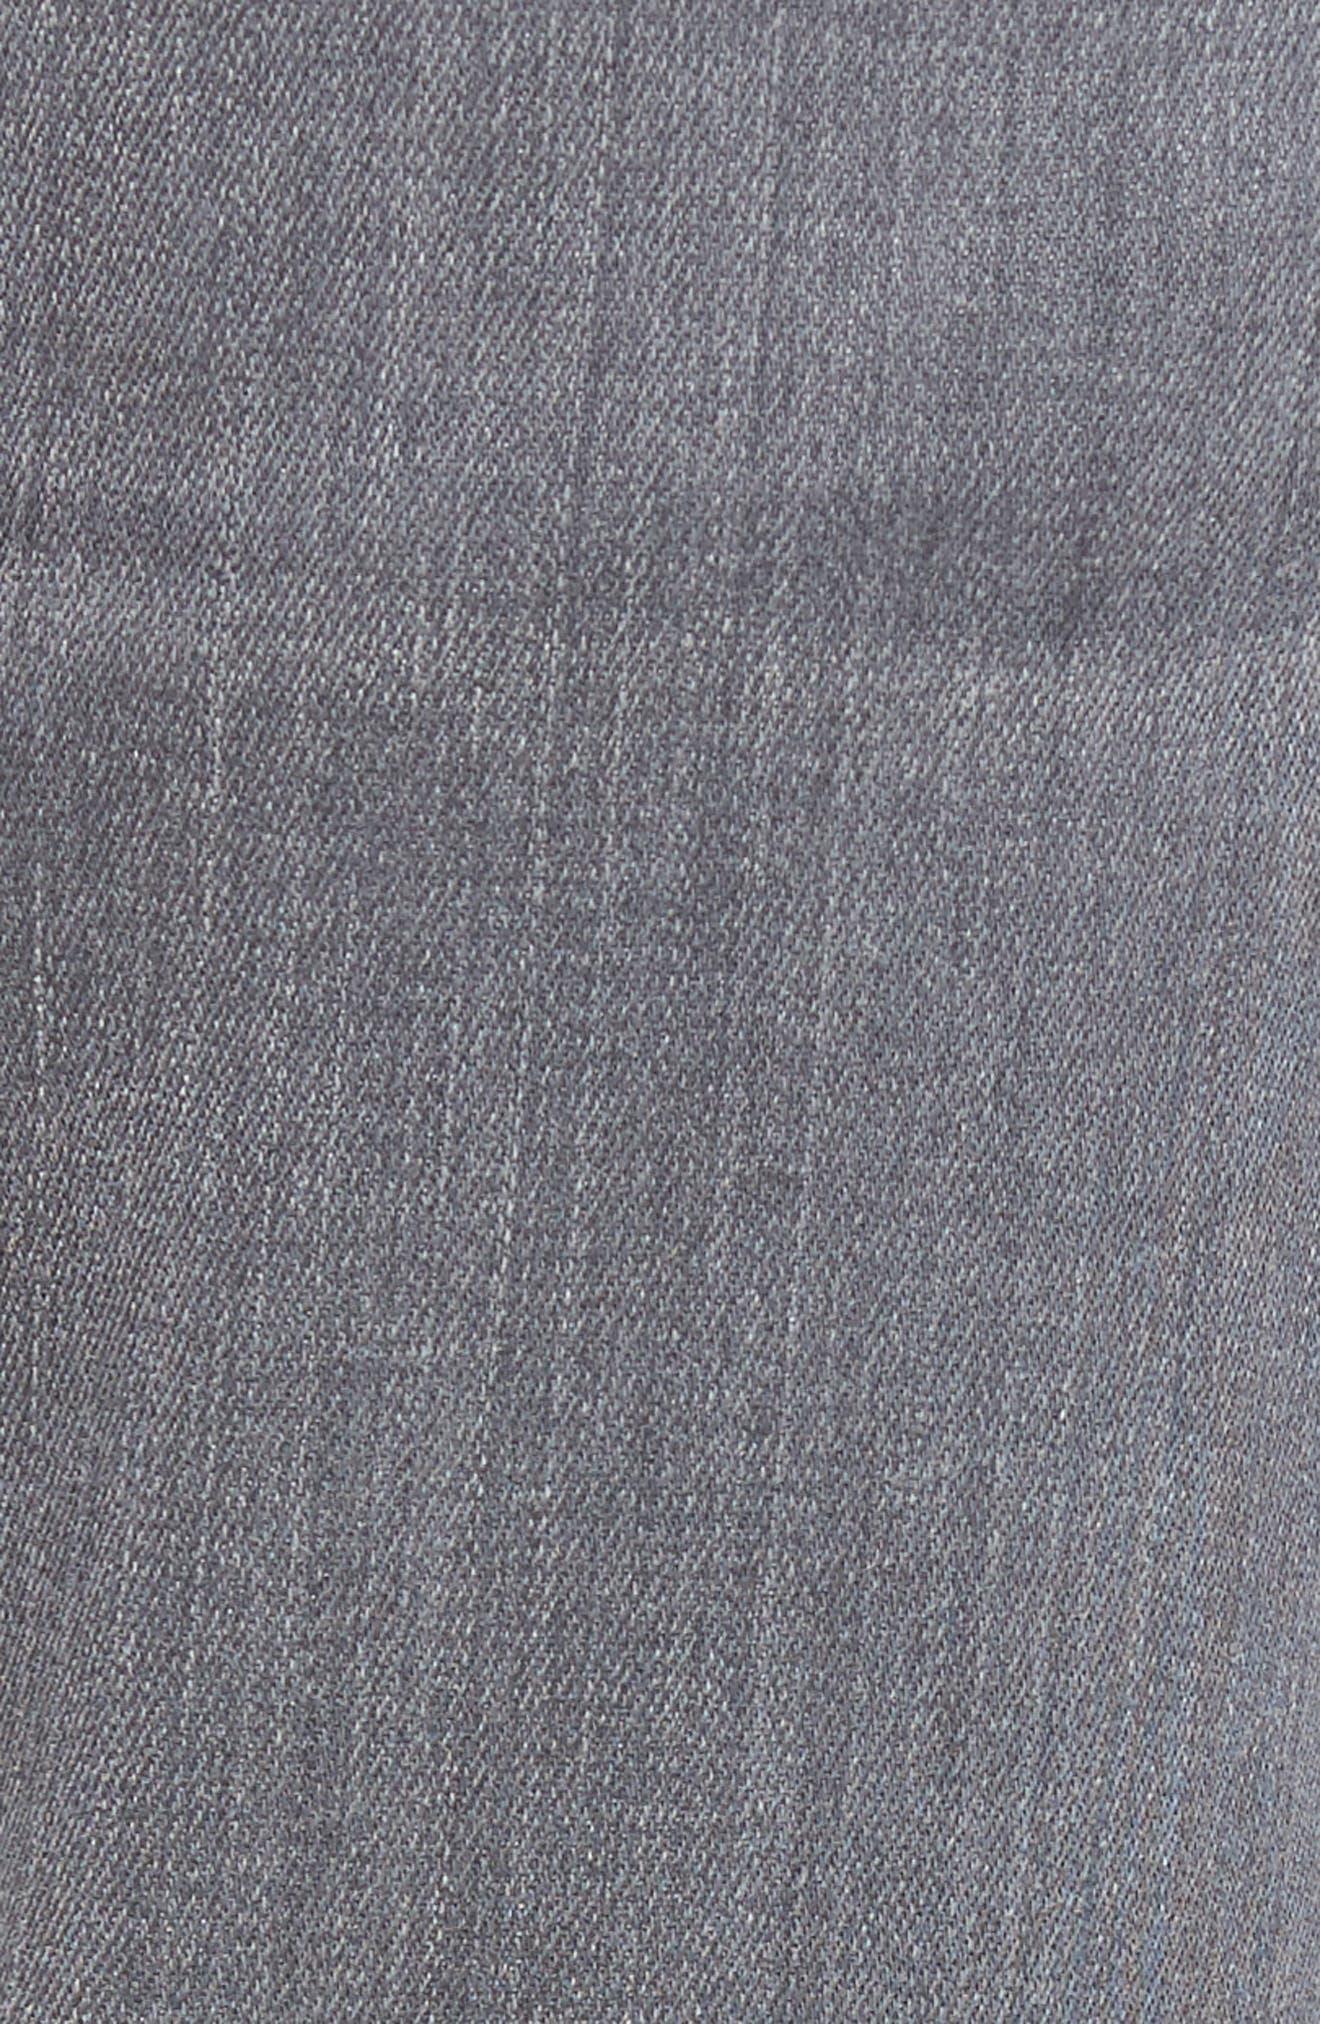 Core Slim Fit Jeans,                             Alternate thumbnail 2, color,                             400